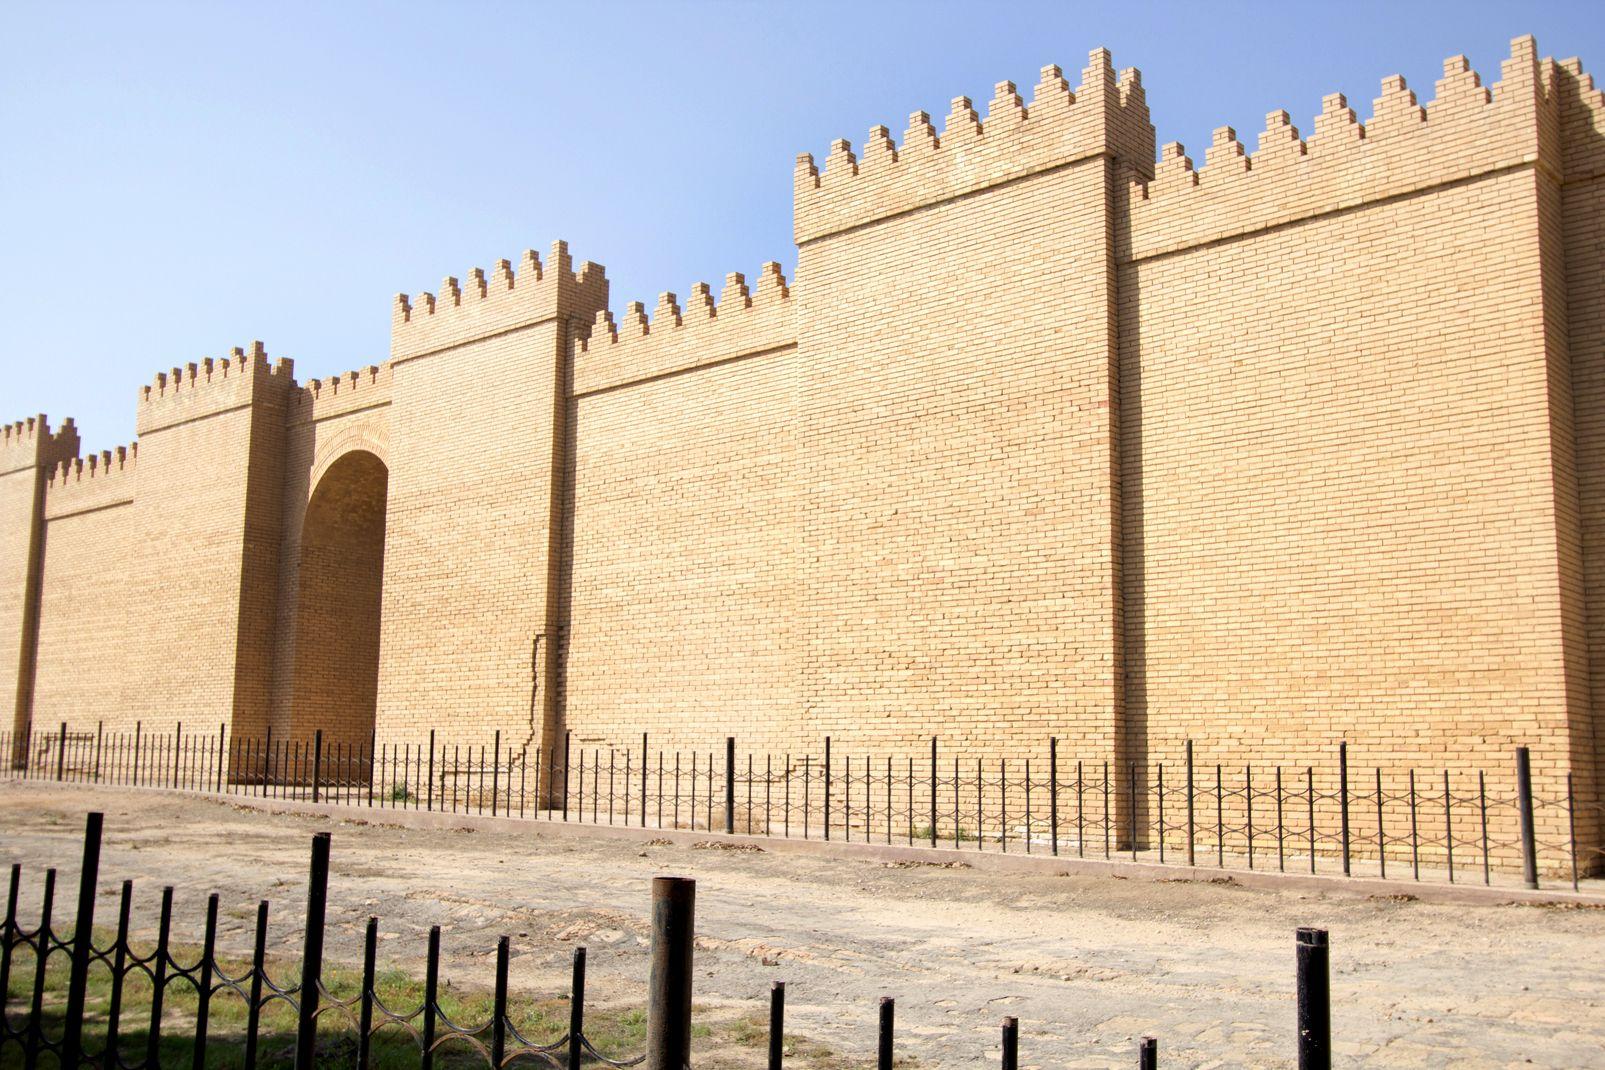 Irak, Murs de l'ancienne ville de Babylone, Babil